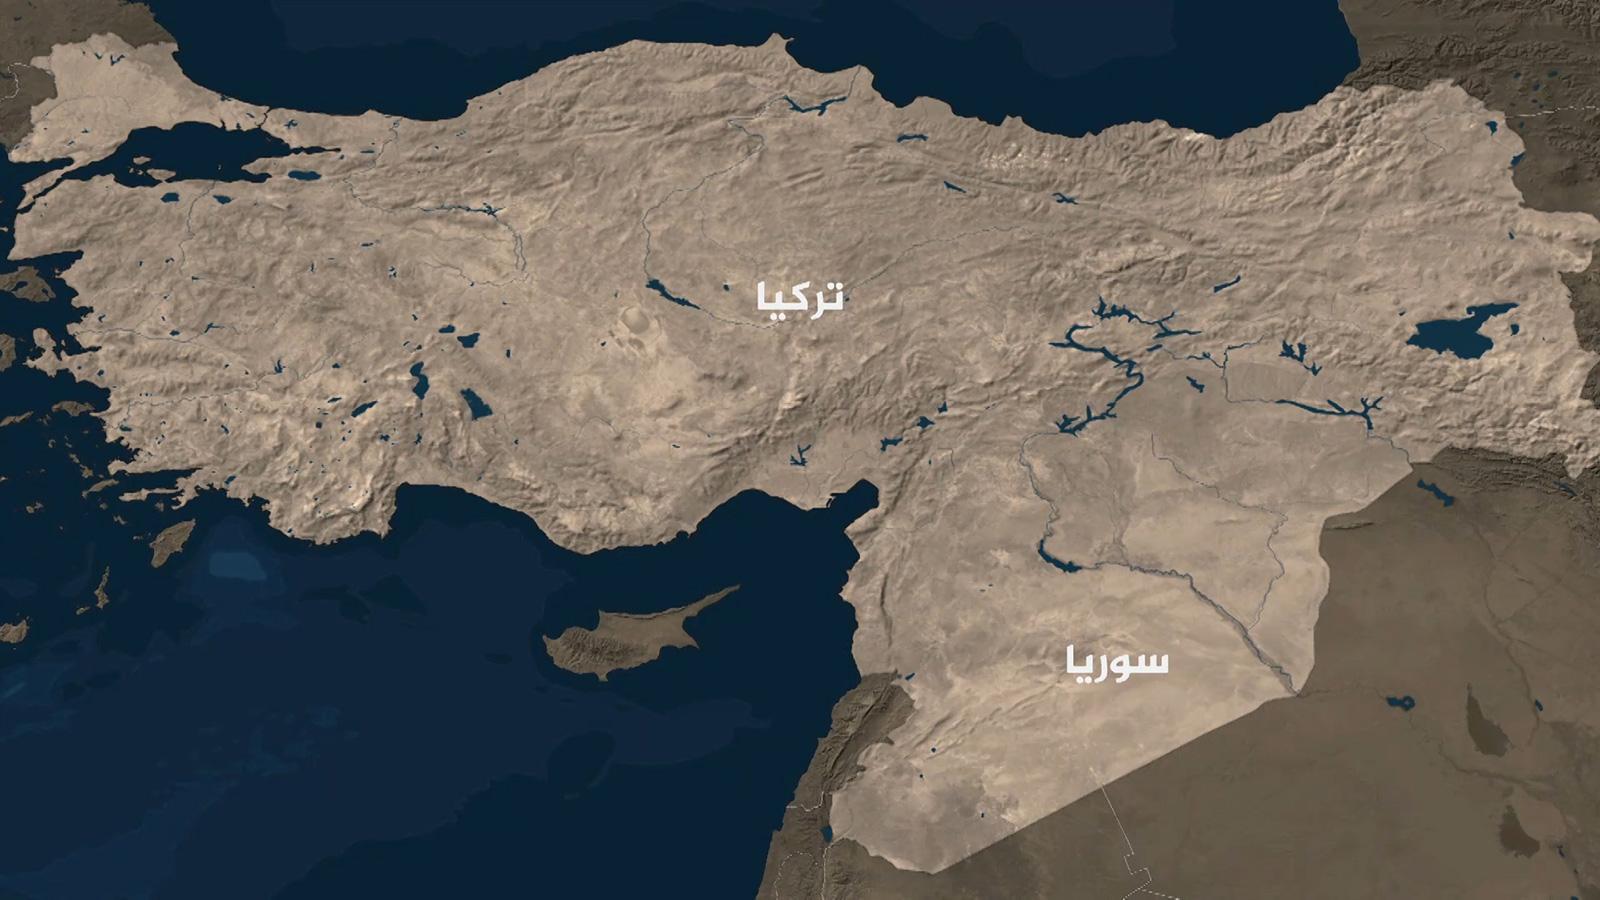 بالصور خريطة تركيا بالعربي , بالصور تعرف علي مدن تركيا من خلال خريطة عربي unnamed file 140